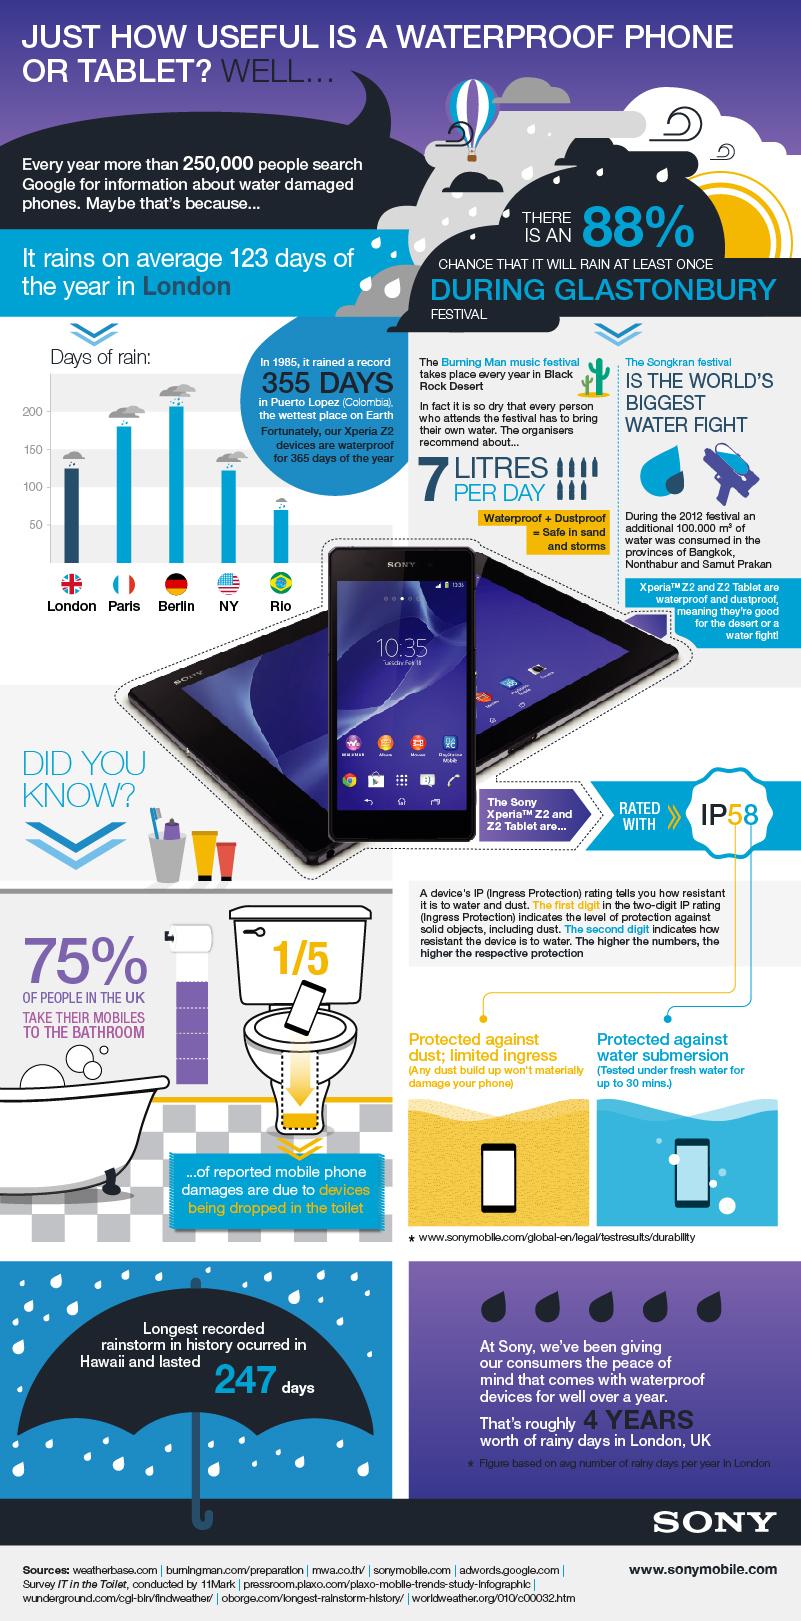 Sony_infographic